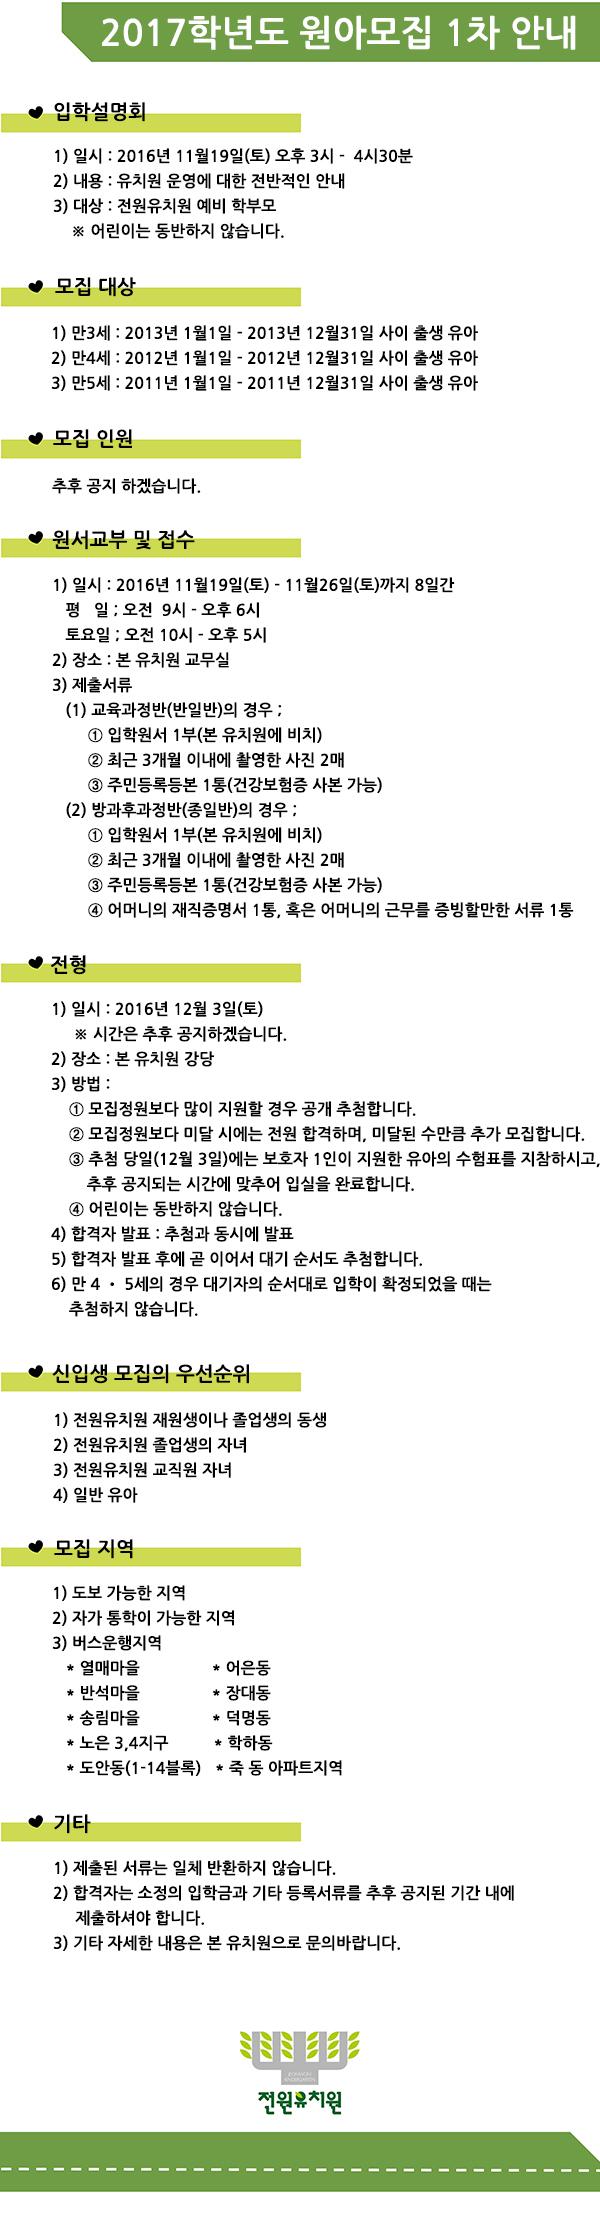 2017학년도-1차원아모집-안내3.jpg